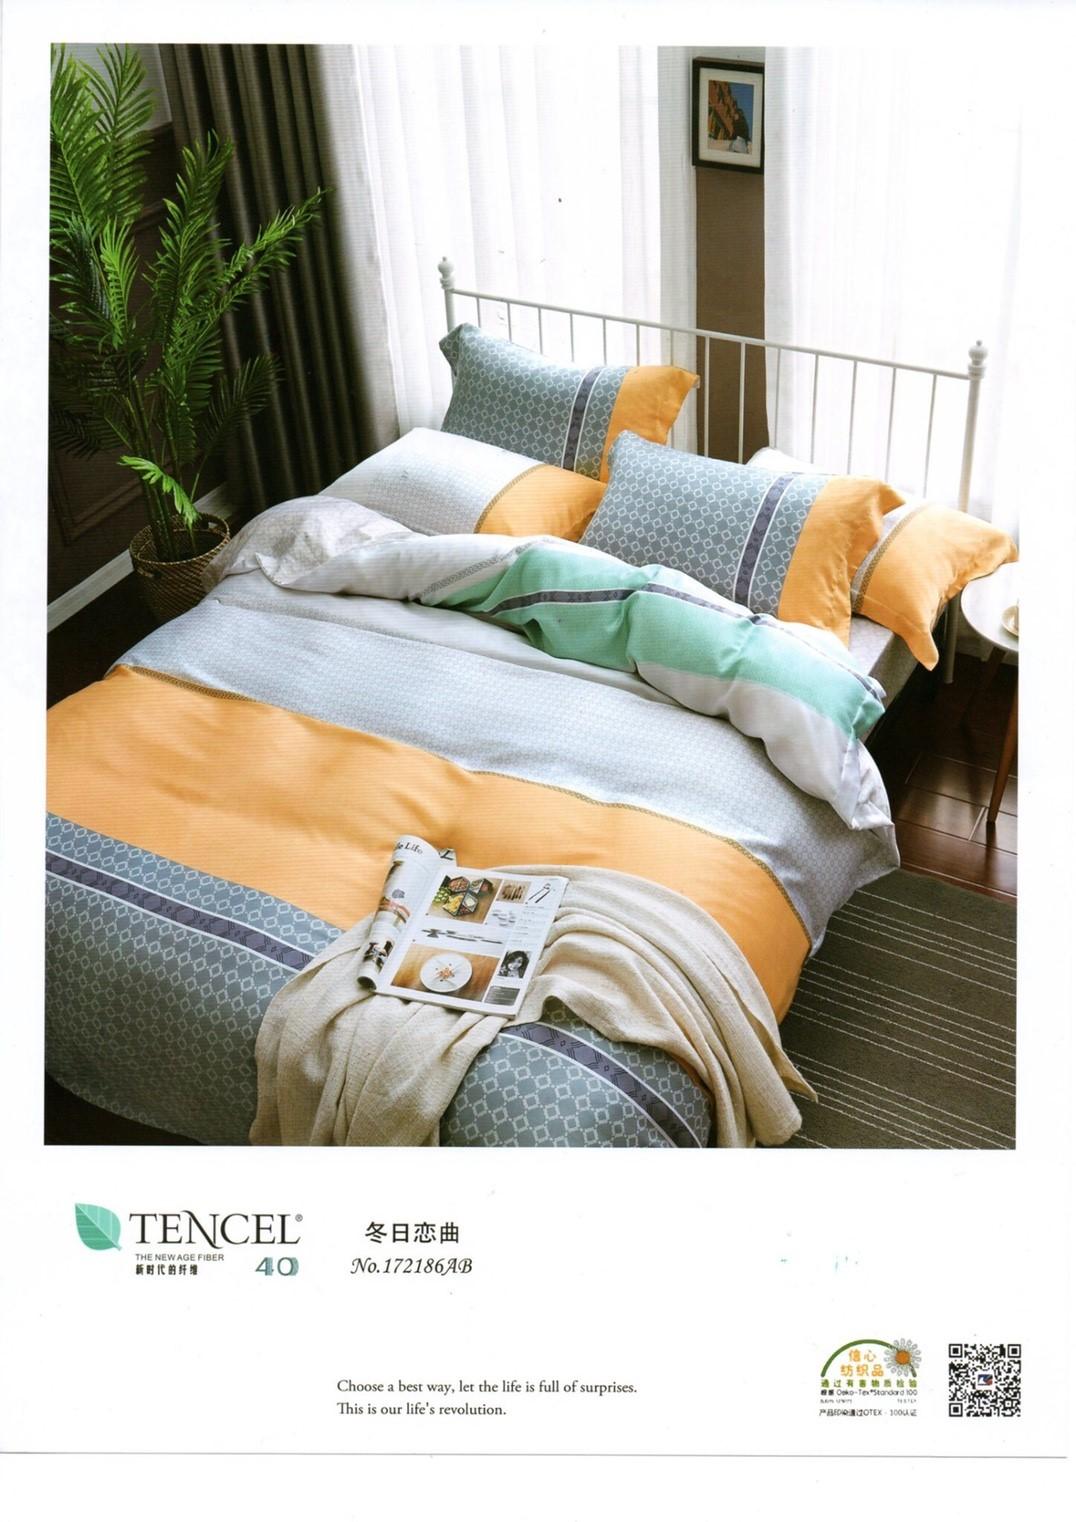 【特惠純天然】精采生活7件式天絲鋪棉床罩組